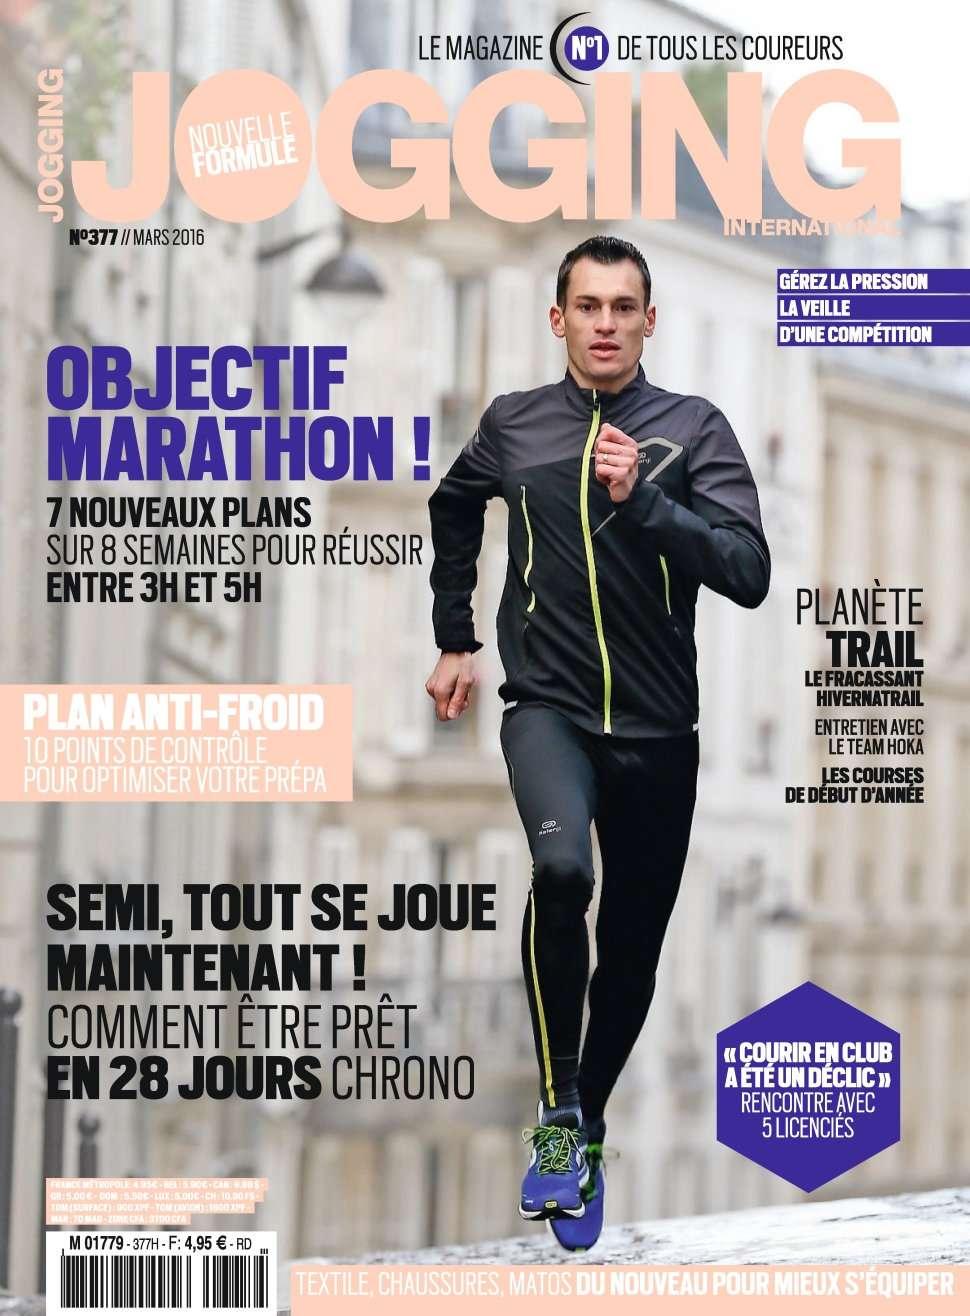 Jogging International 377 - Mars 2016